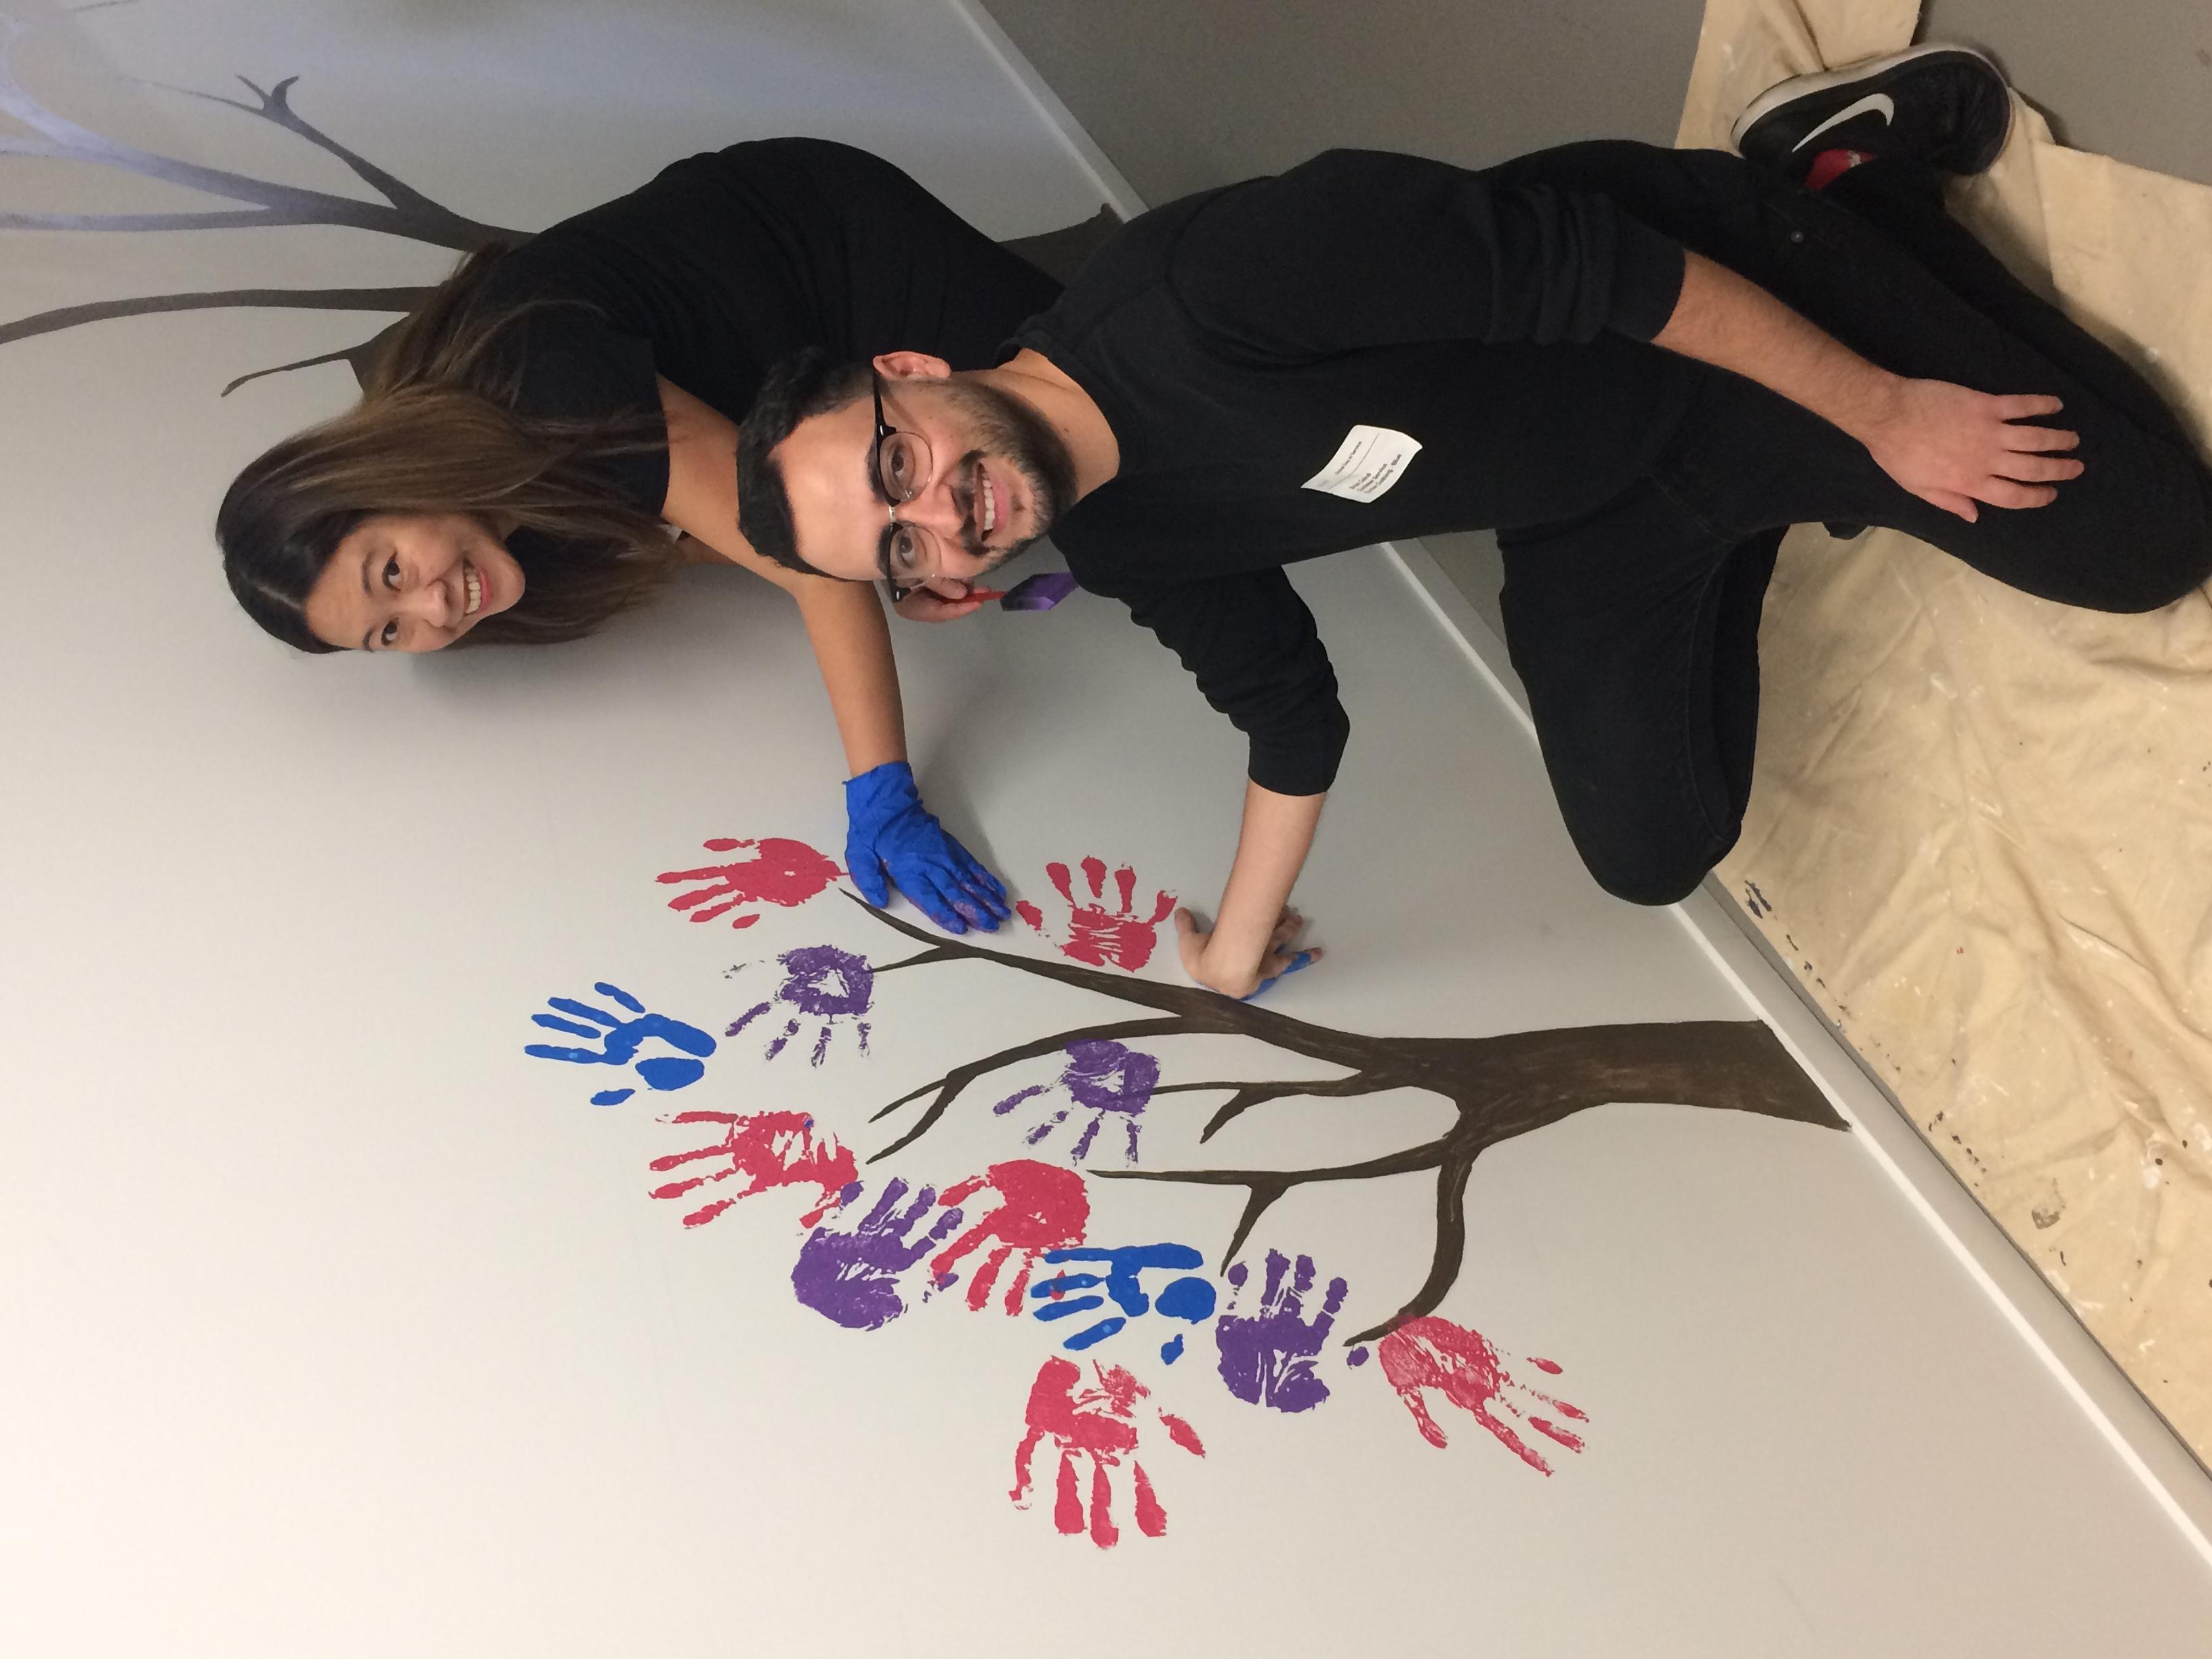 Volunteers paint murals